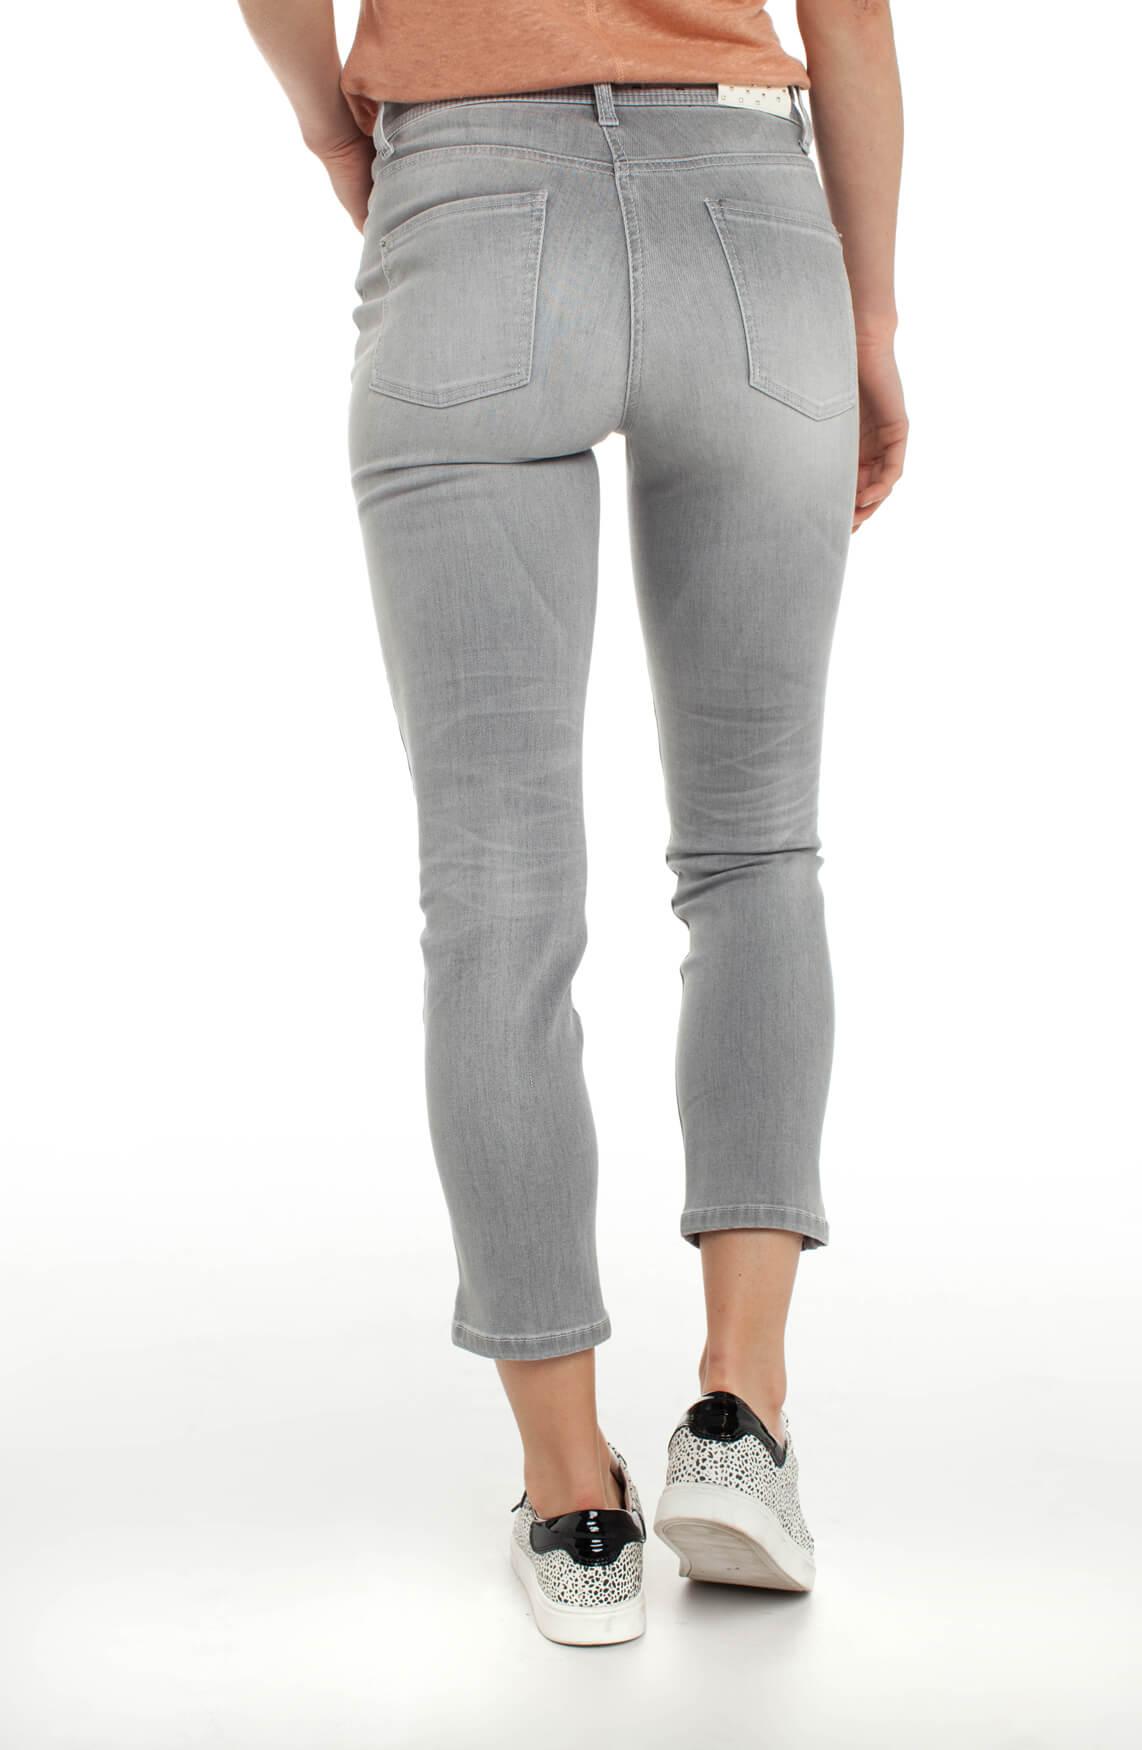 Cambio Dames Piper jeans met zilveren patroon Grijs